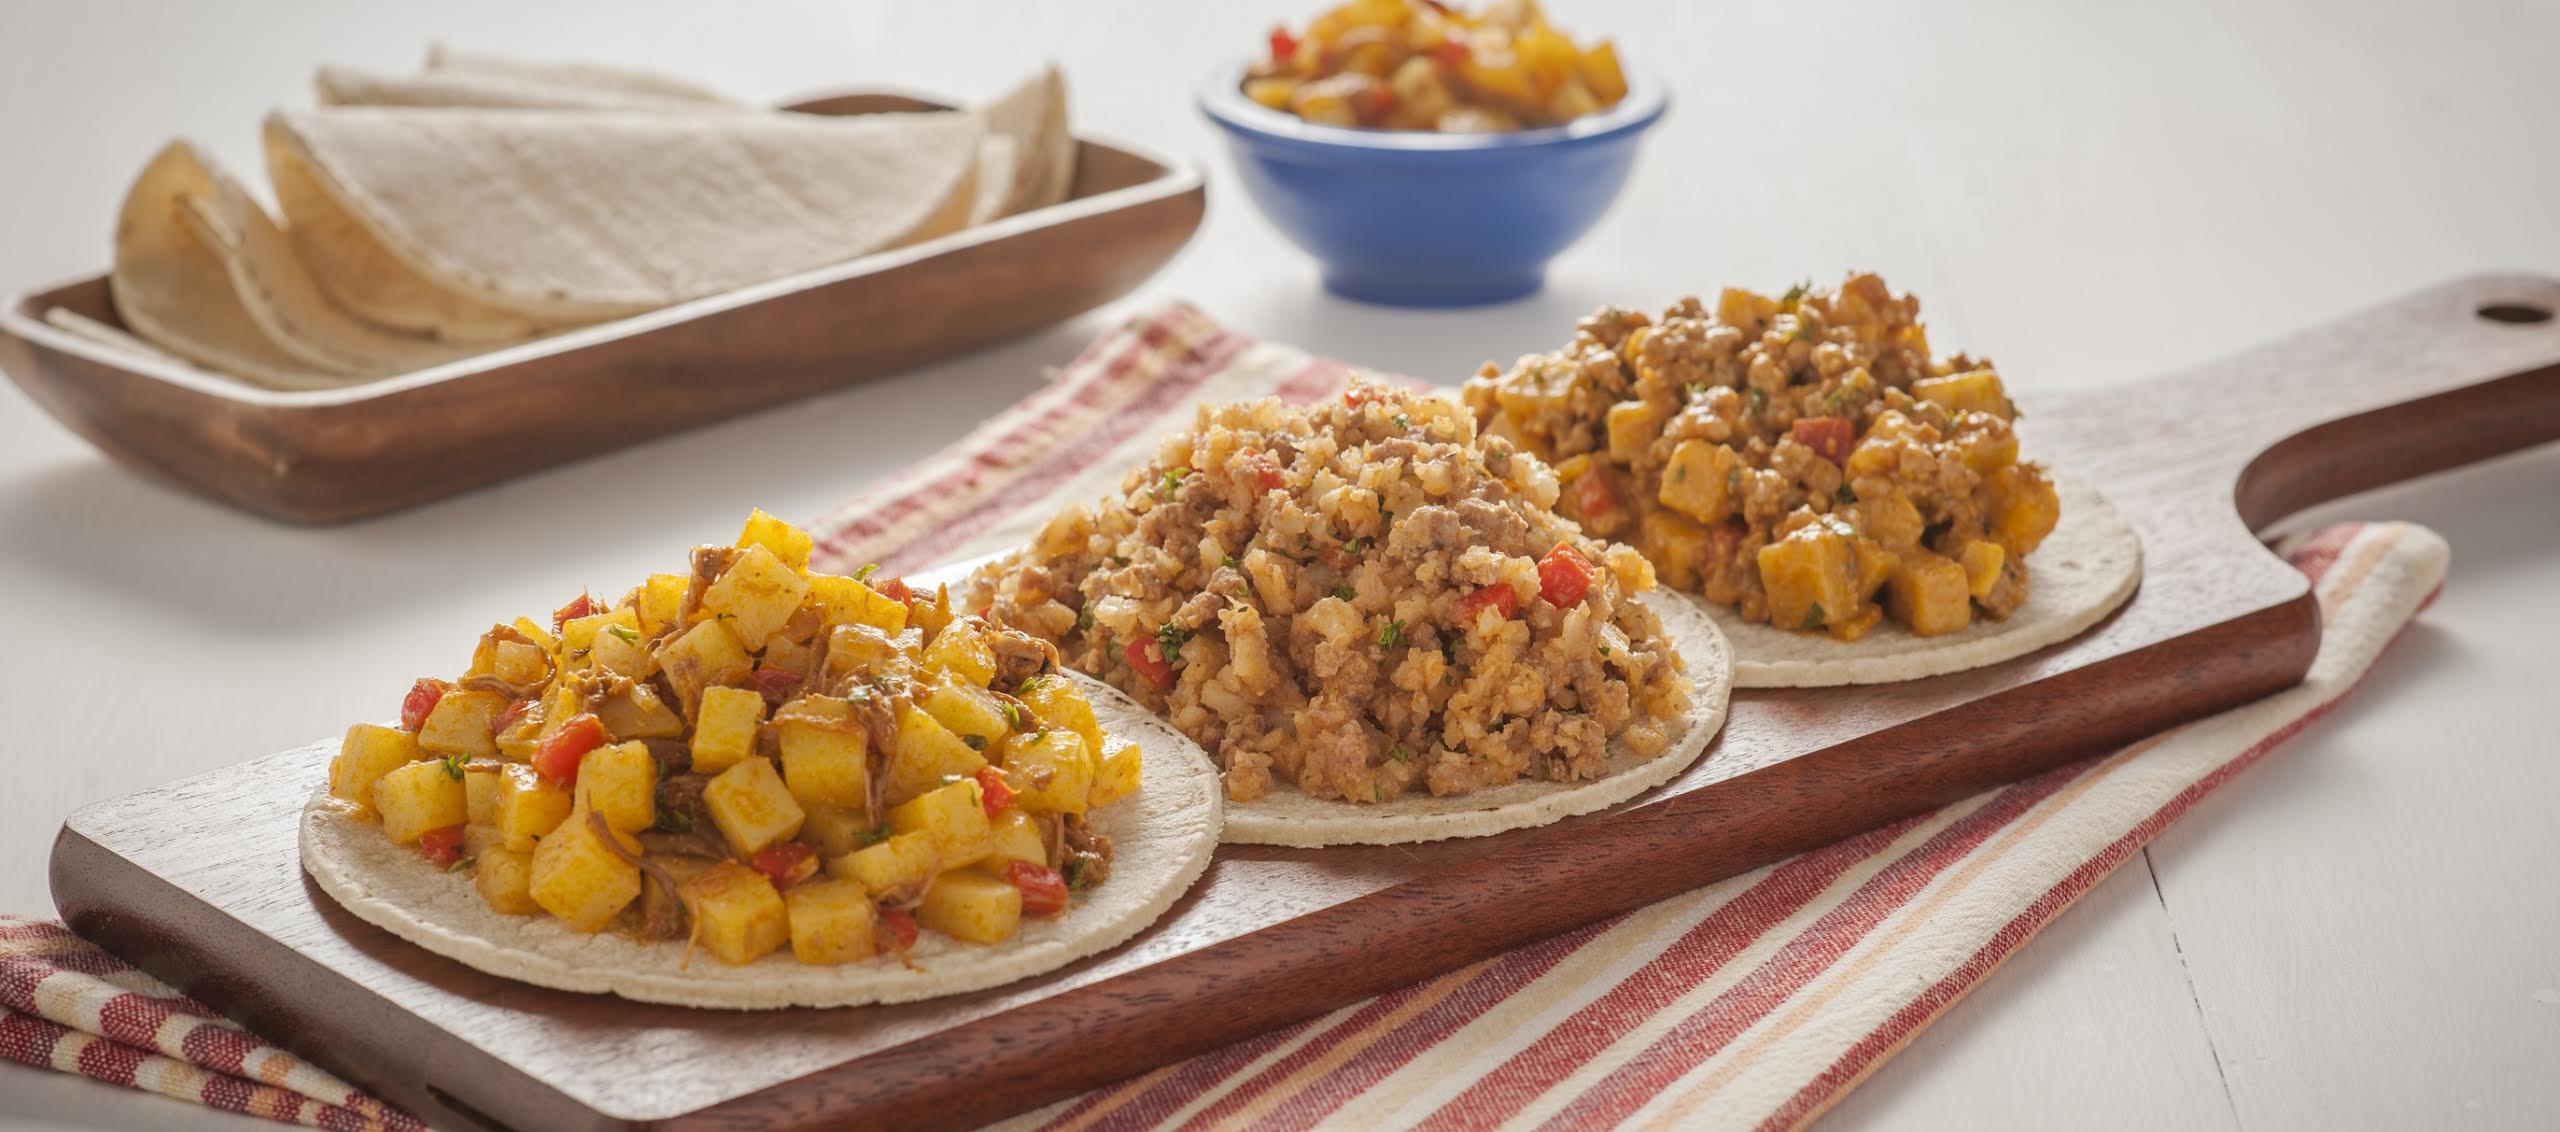 Los beneficios nutricionales que aporta el consumo de tortilla